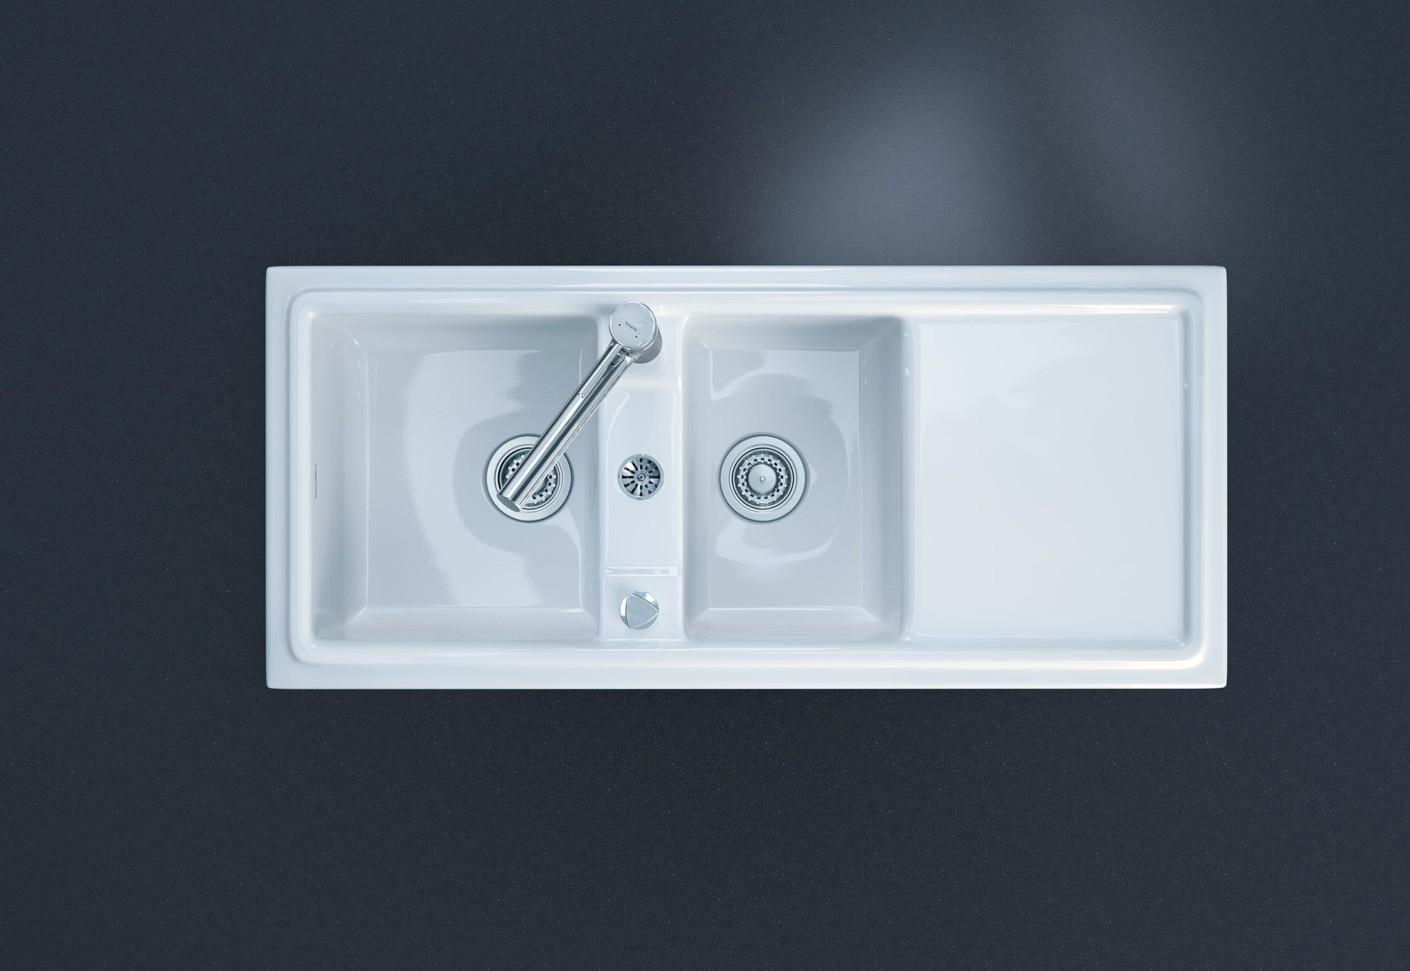 beautiful duravit kitchen sinks part 5 cassia kitchen sink duravit